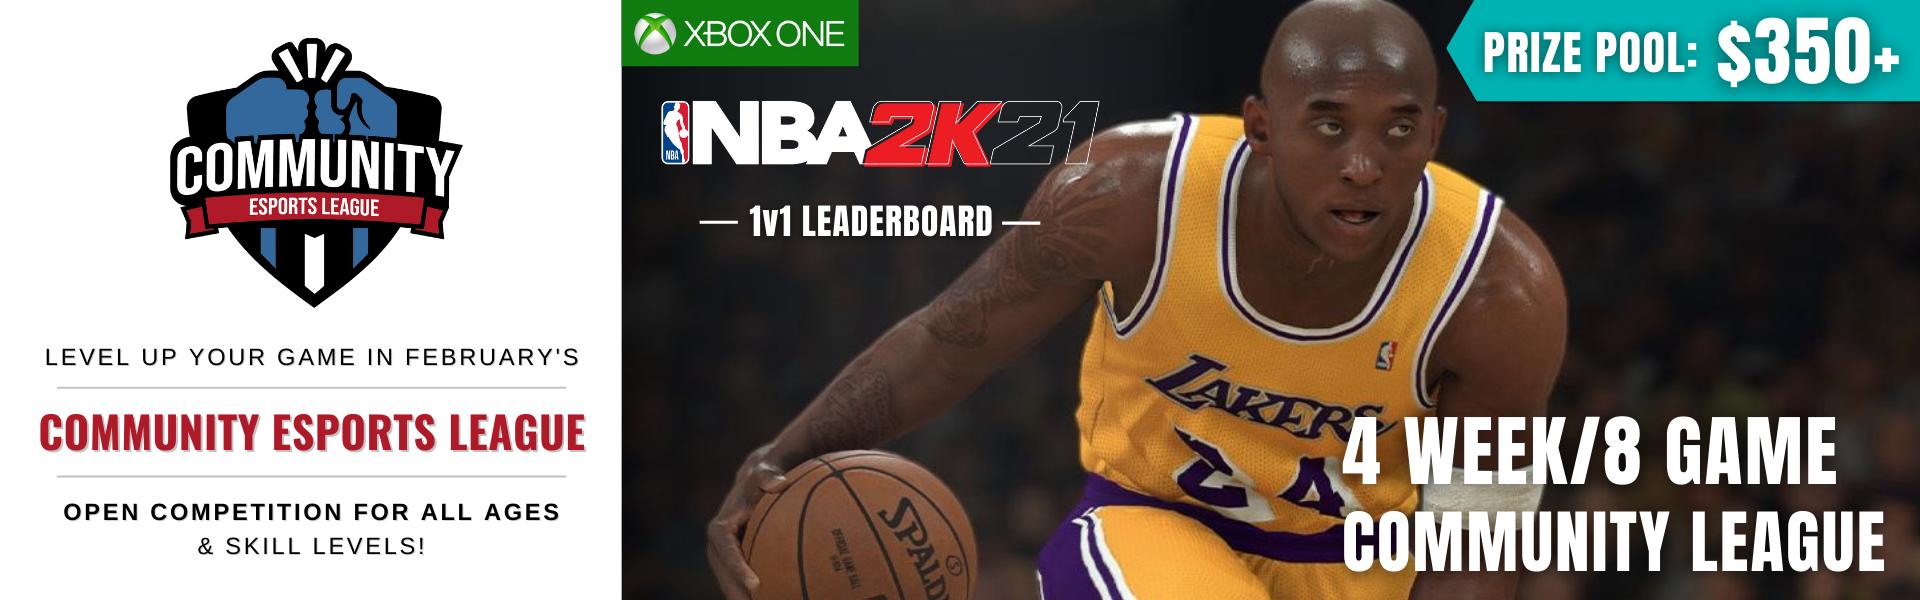 NBA2K21: February 21 – Xbox One